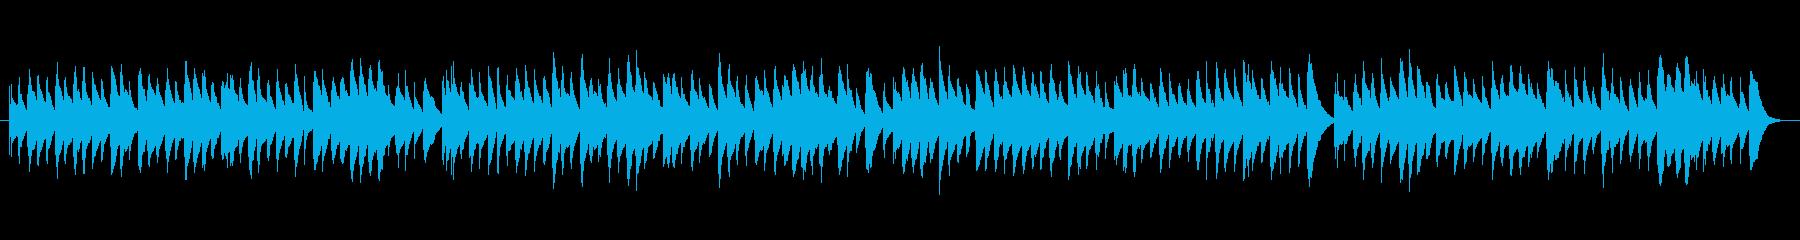 オルゴールのおしゃれでかわいいワルツの再生済みの波形